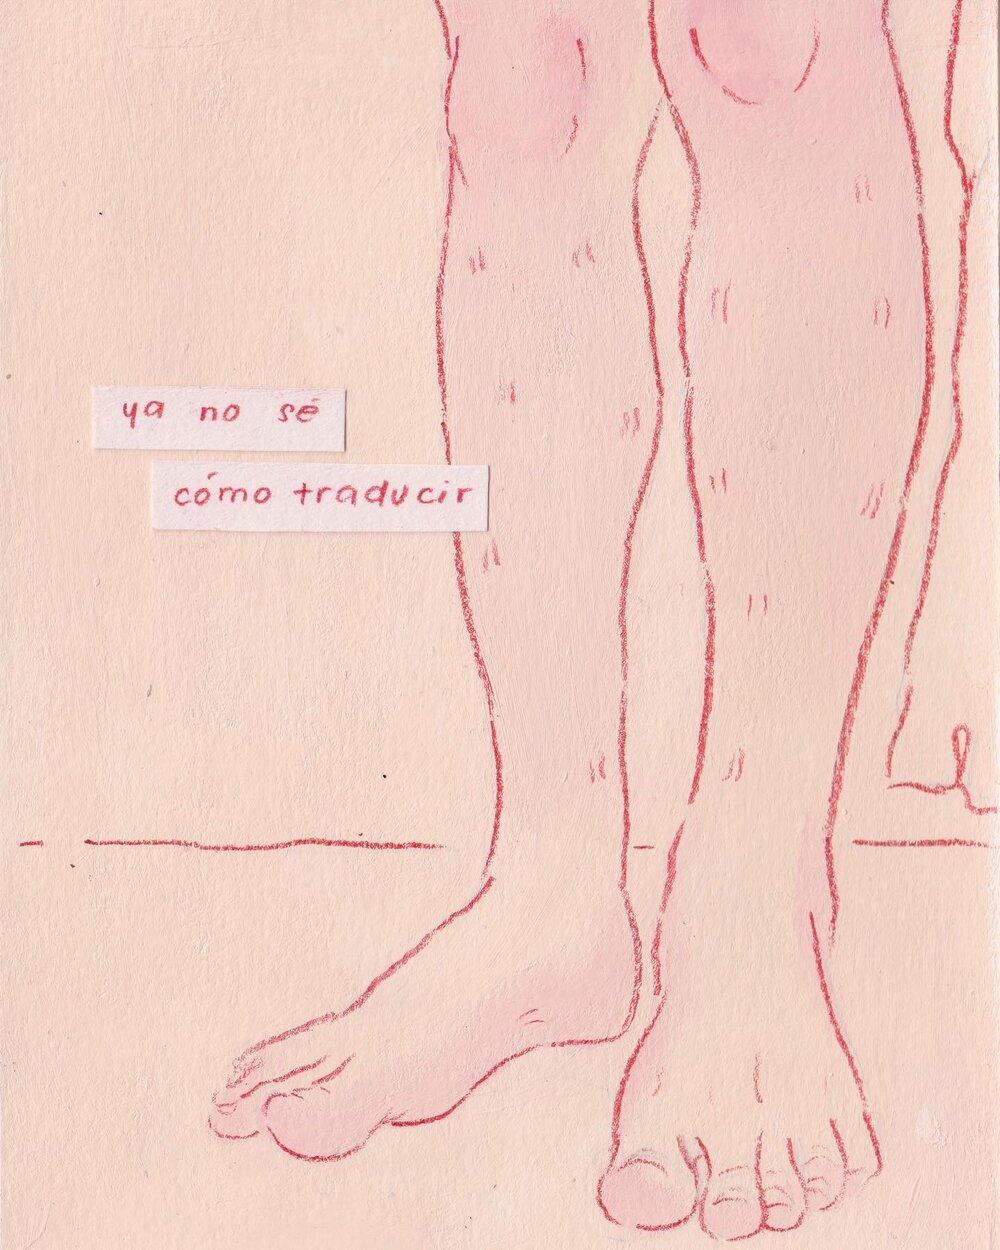 ya_no_se_como_traducir_este_dolor_1.jpg